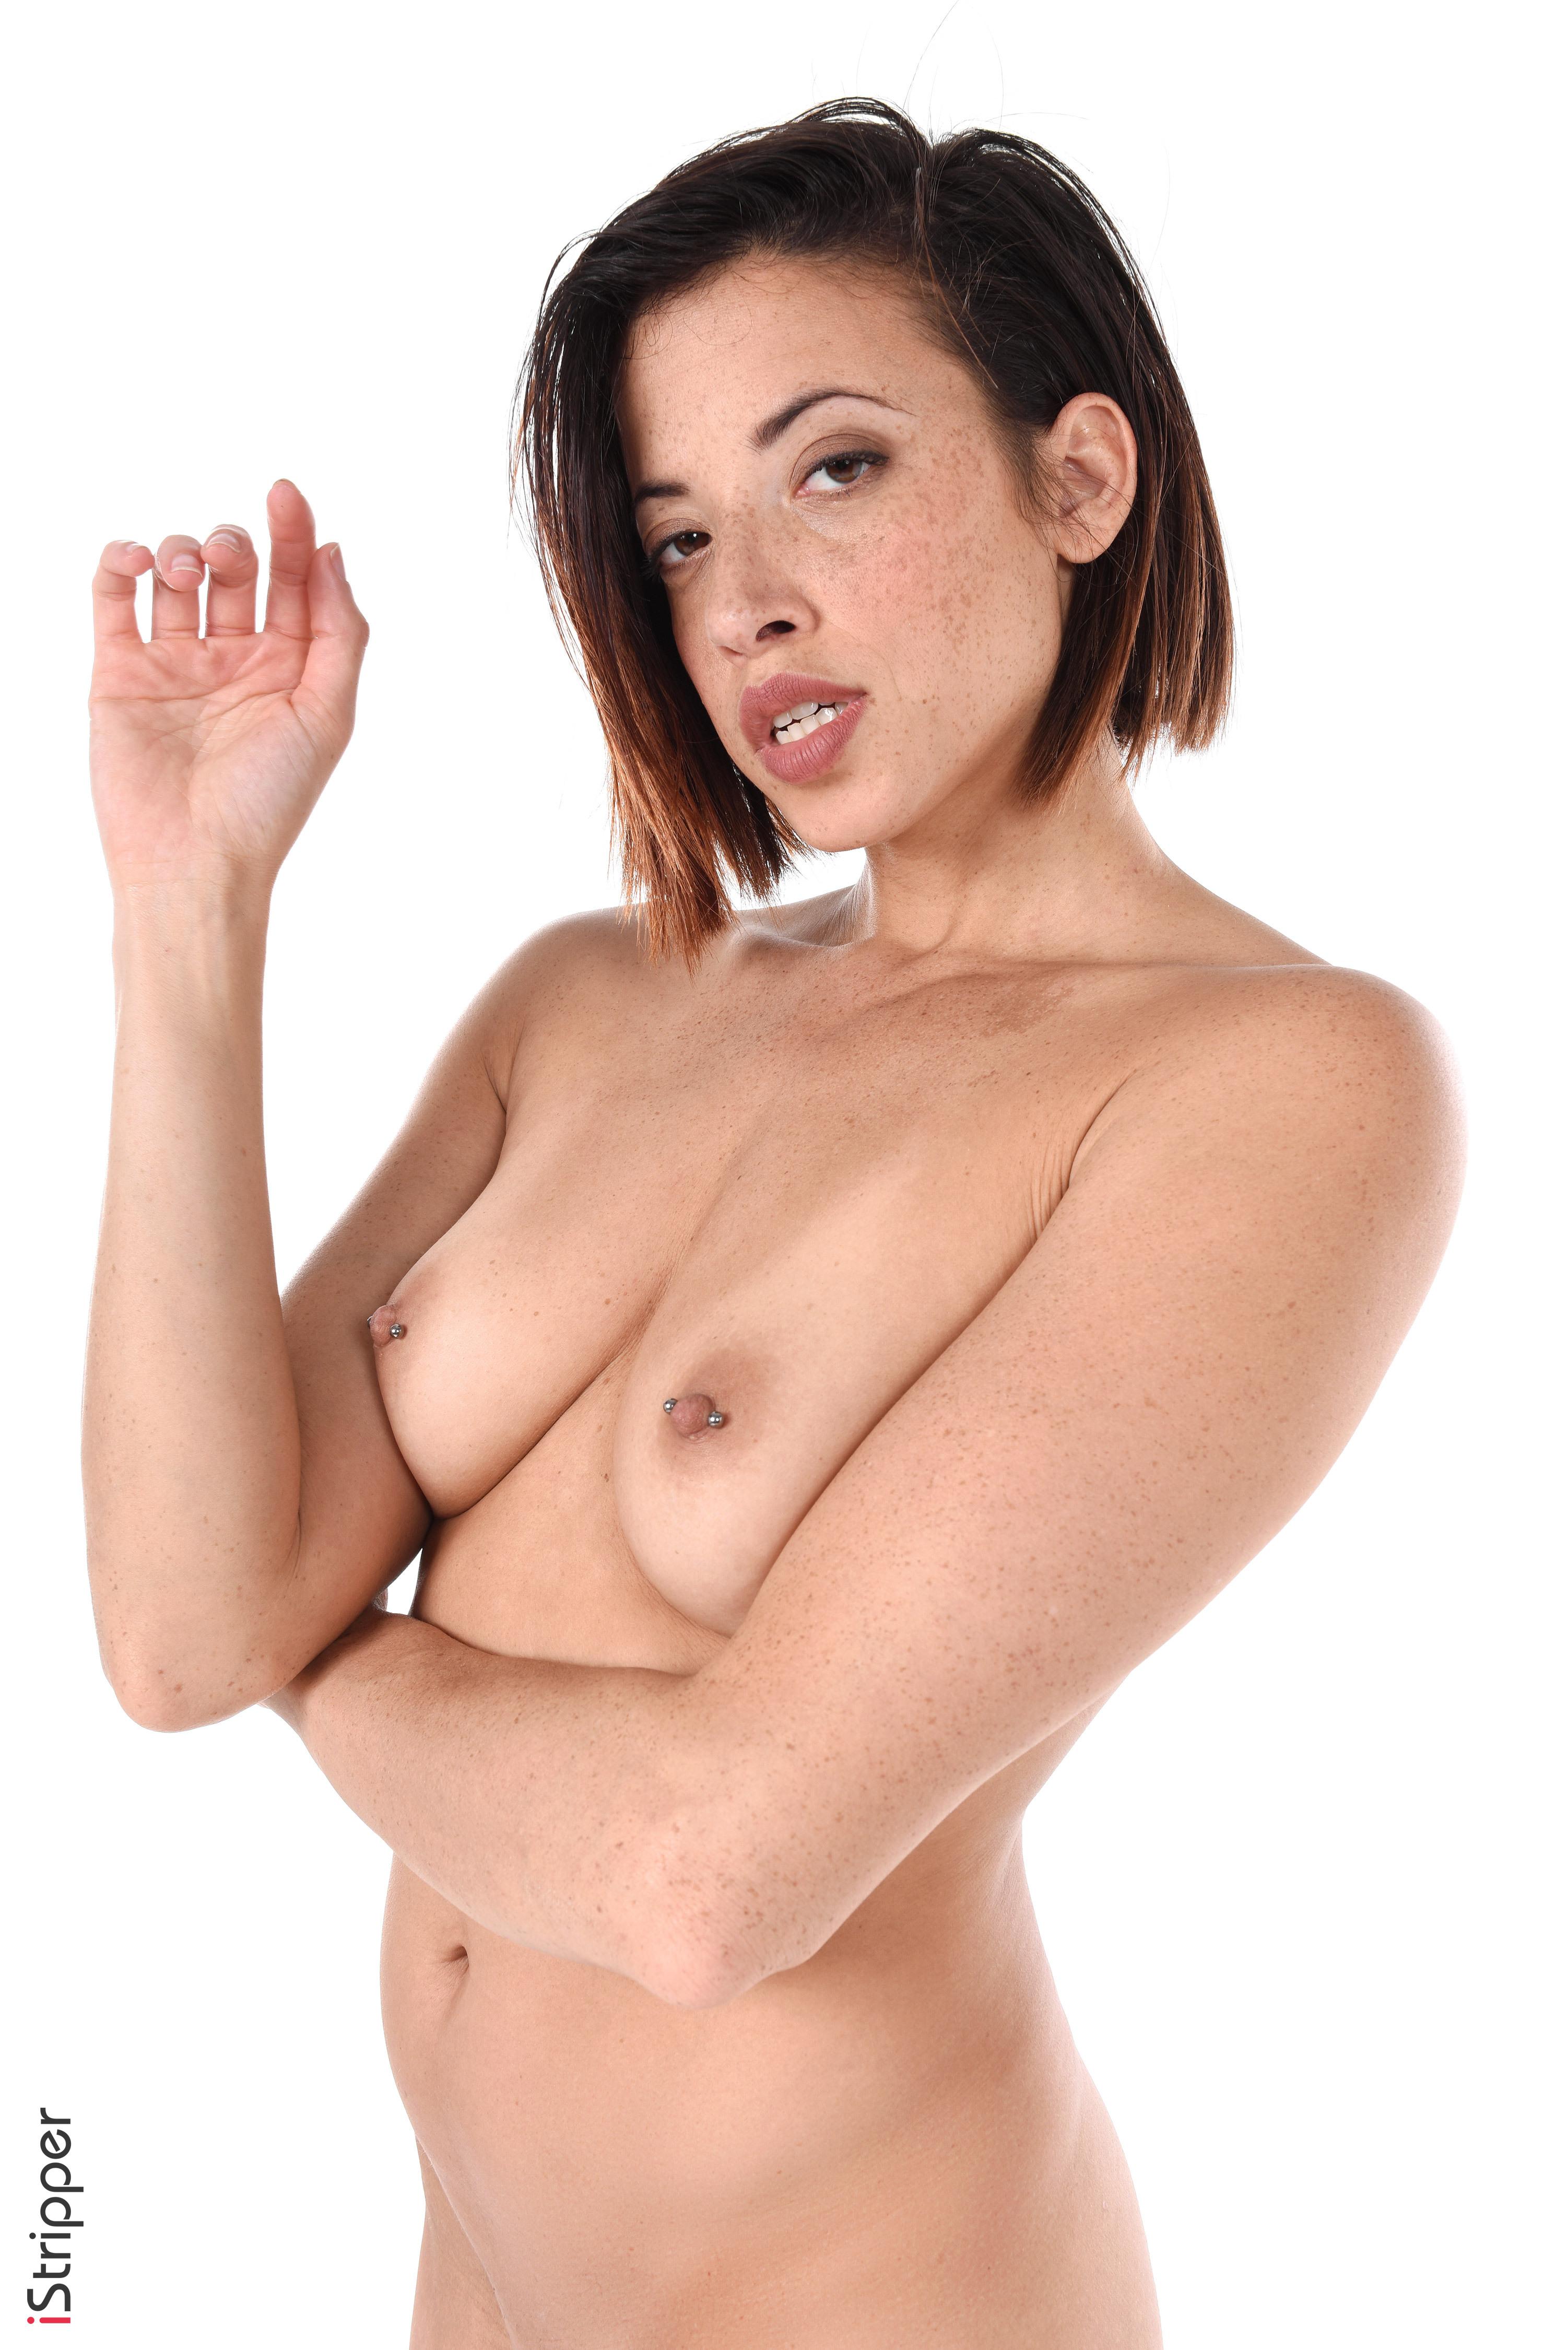 sexy girl video striptease